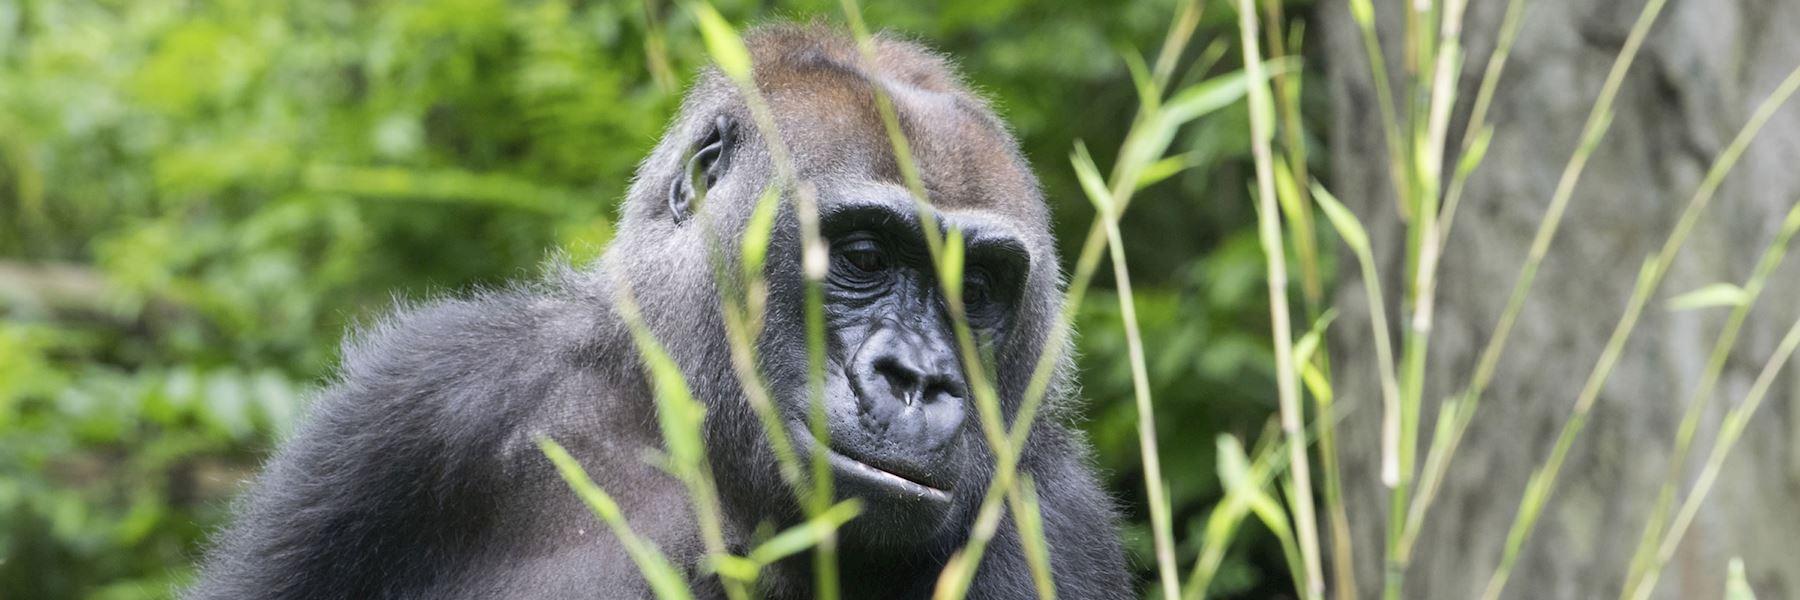 Rwanda vacations